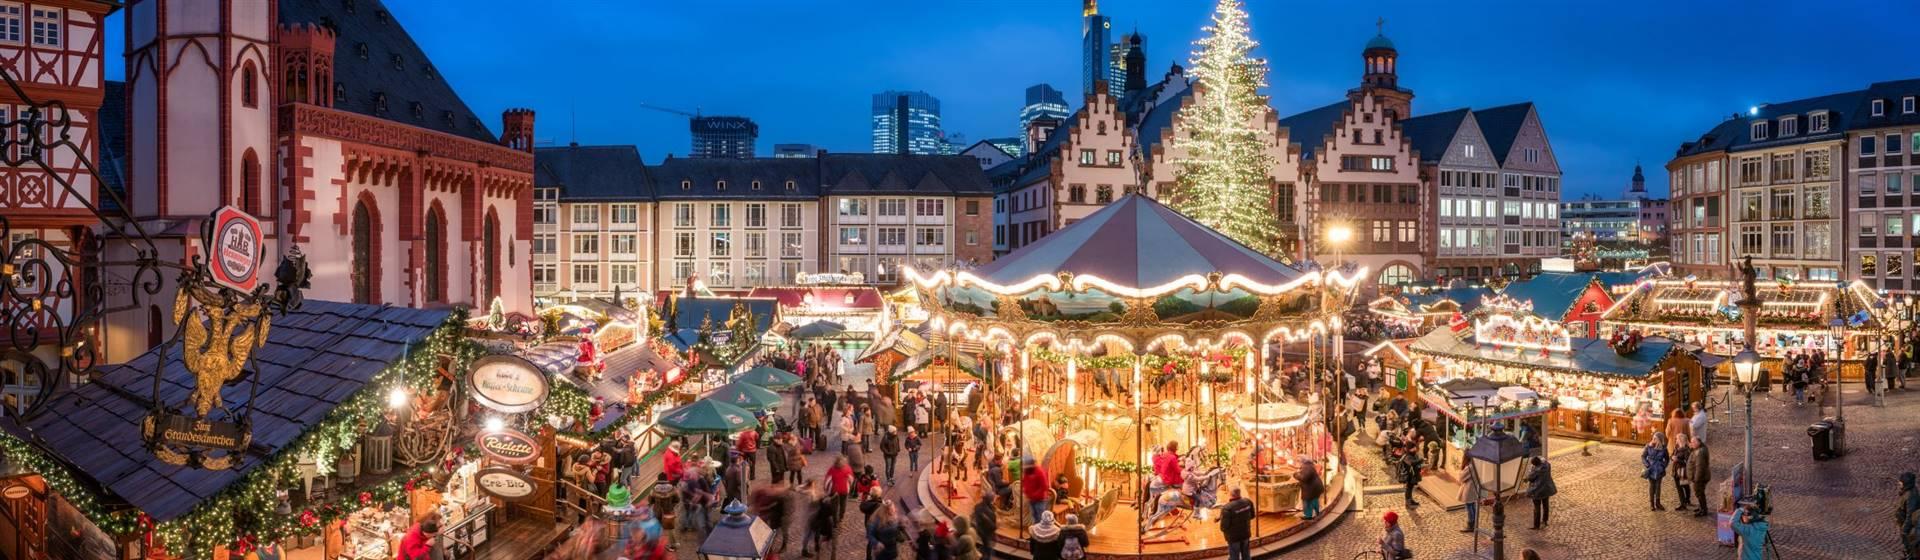 """<img src=""""christmasmarket-shutterstock.jpeg"""" alt=""""Christmas Markets""""/>"""